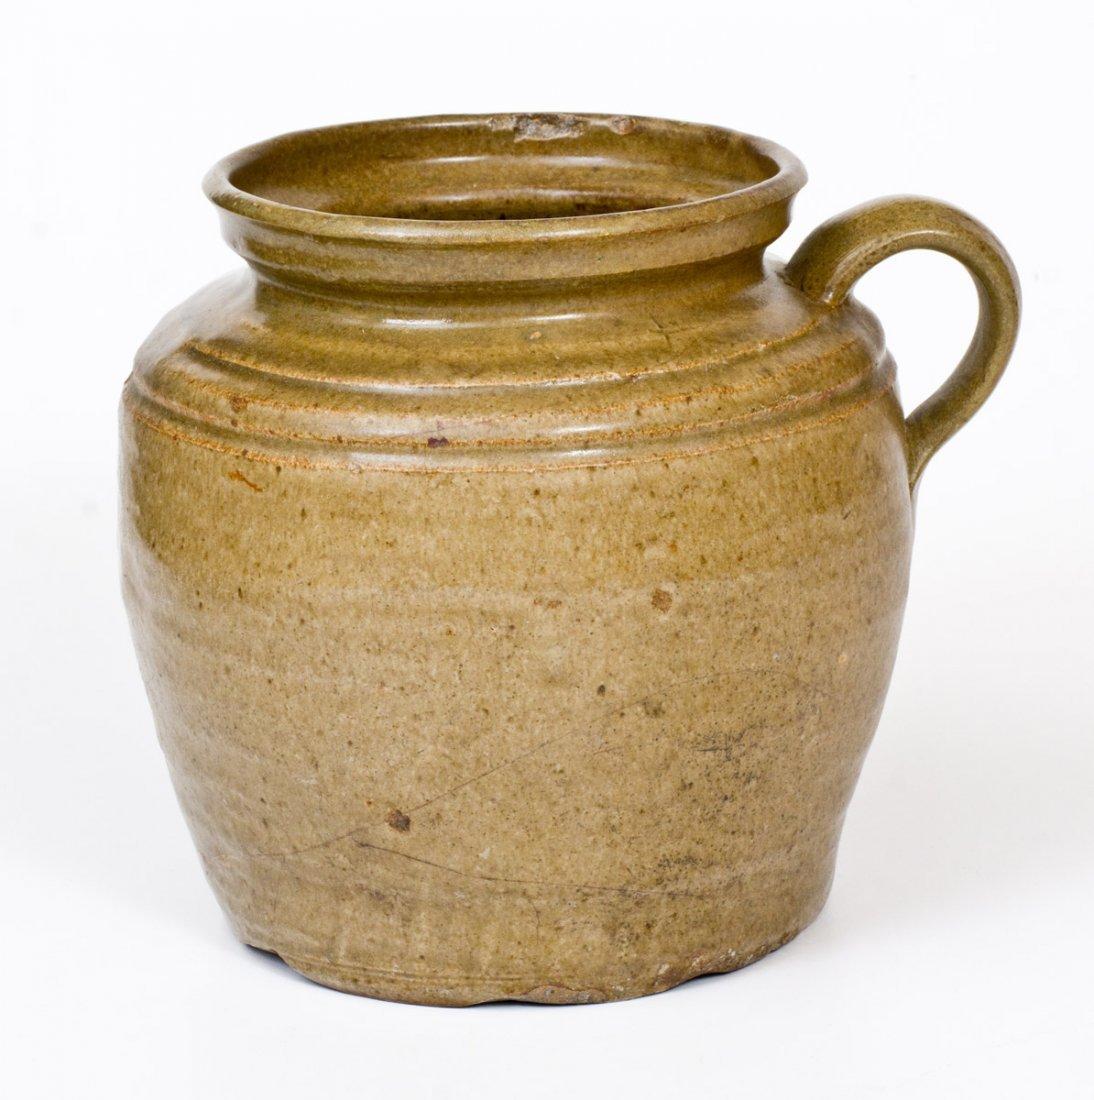 Unusual Alkaline-Glazed Stoneware Stew Pot att. Dave - 3